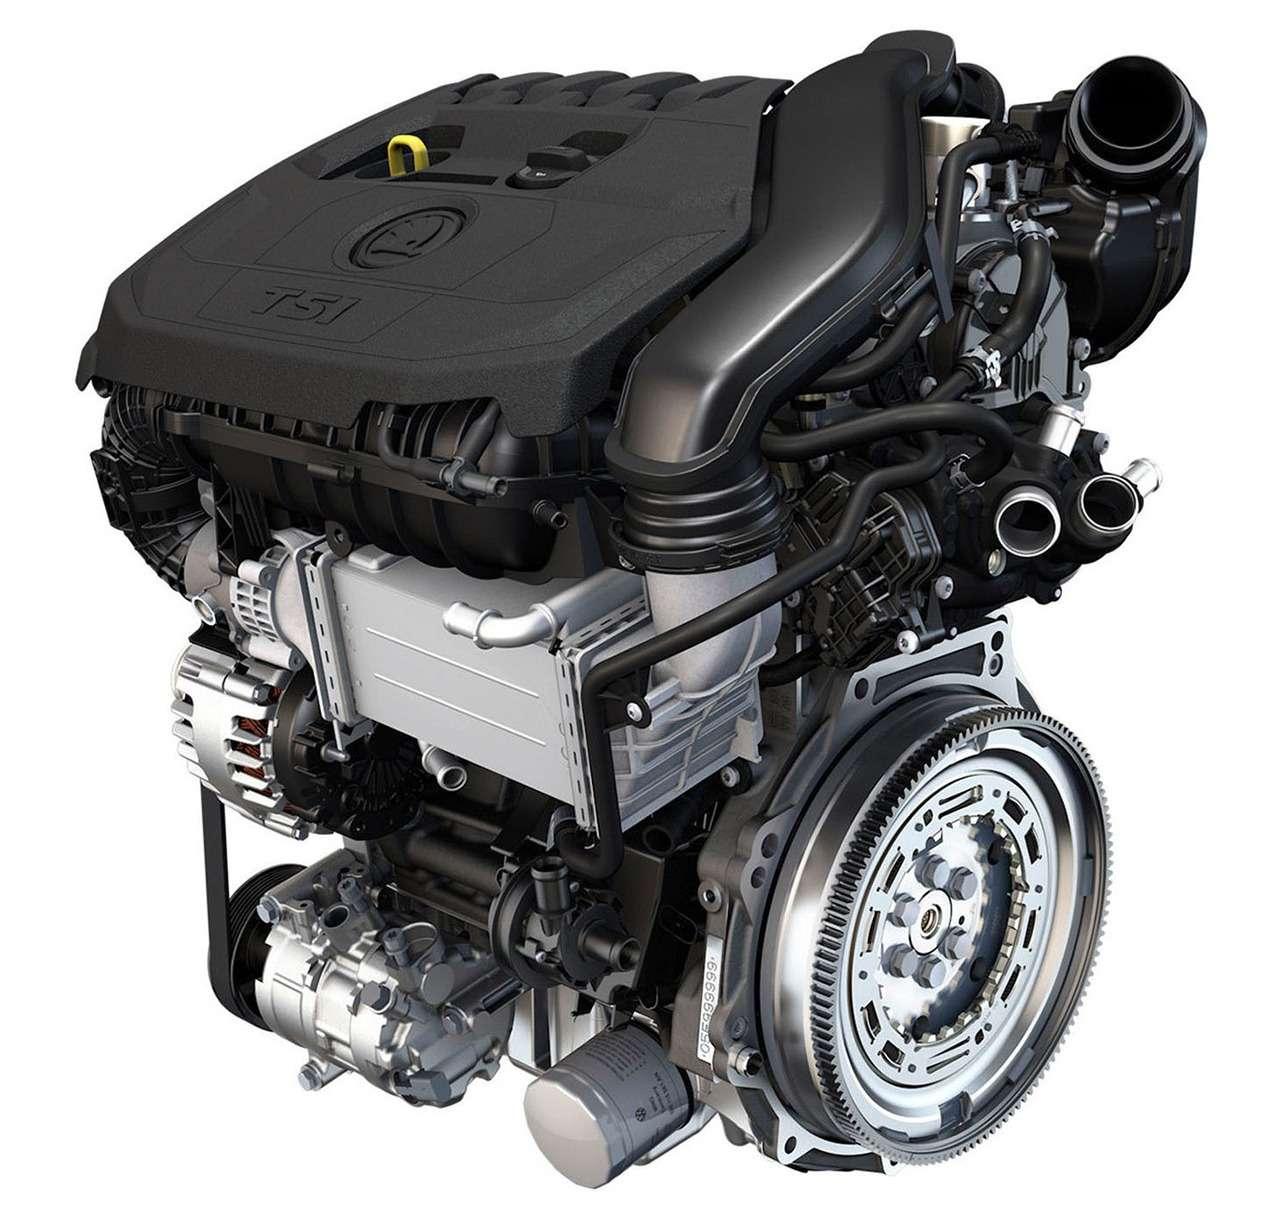 Атмосферный или стурбонаддувом— какой мотор лучше?— фото 819090